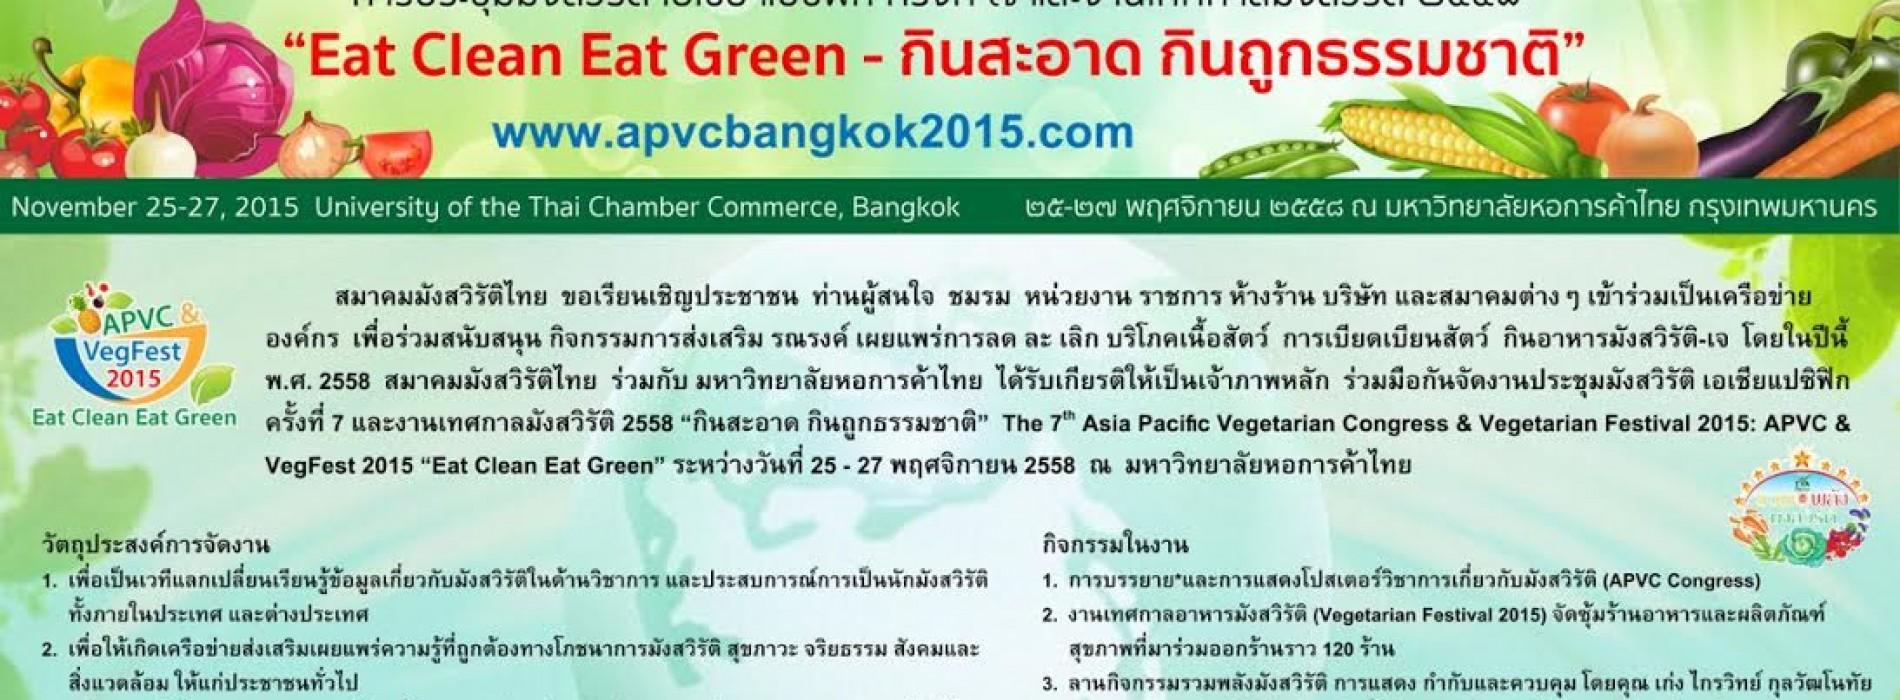 ขอเชิญร่วมงาน มังสวิรัติ เอเชียแปซิฟิก ครั้งที่ 7 และงานเทศกาลมังสวิรัติ 2558